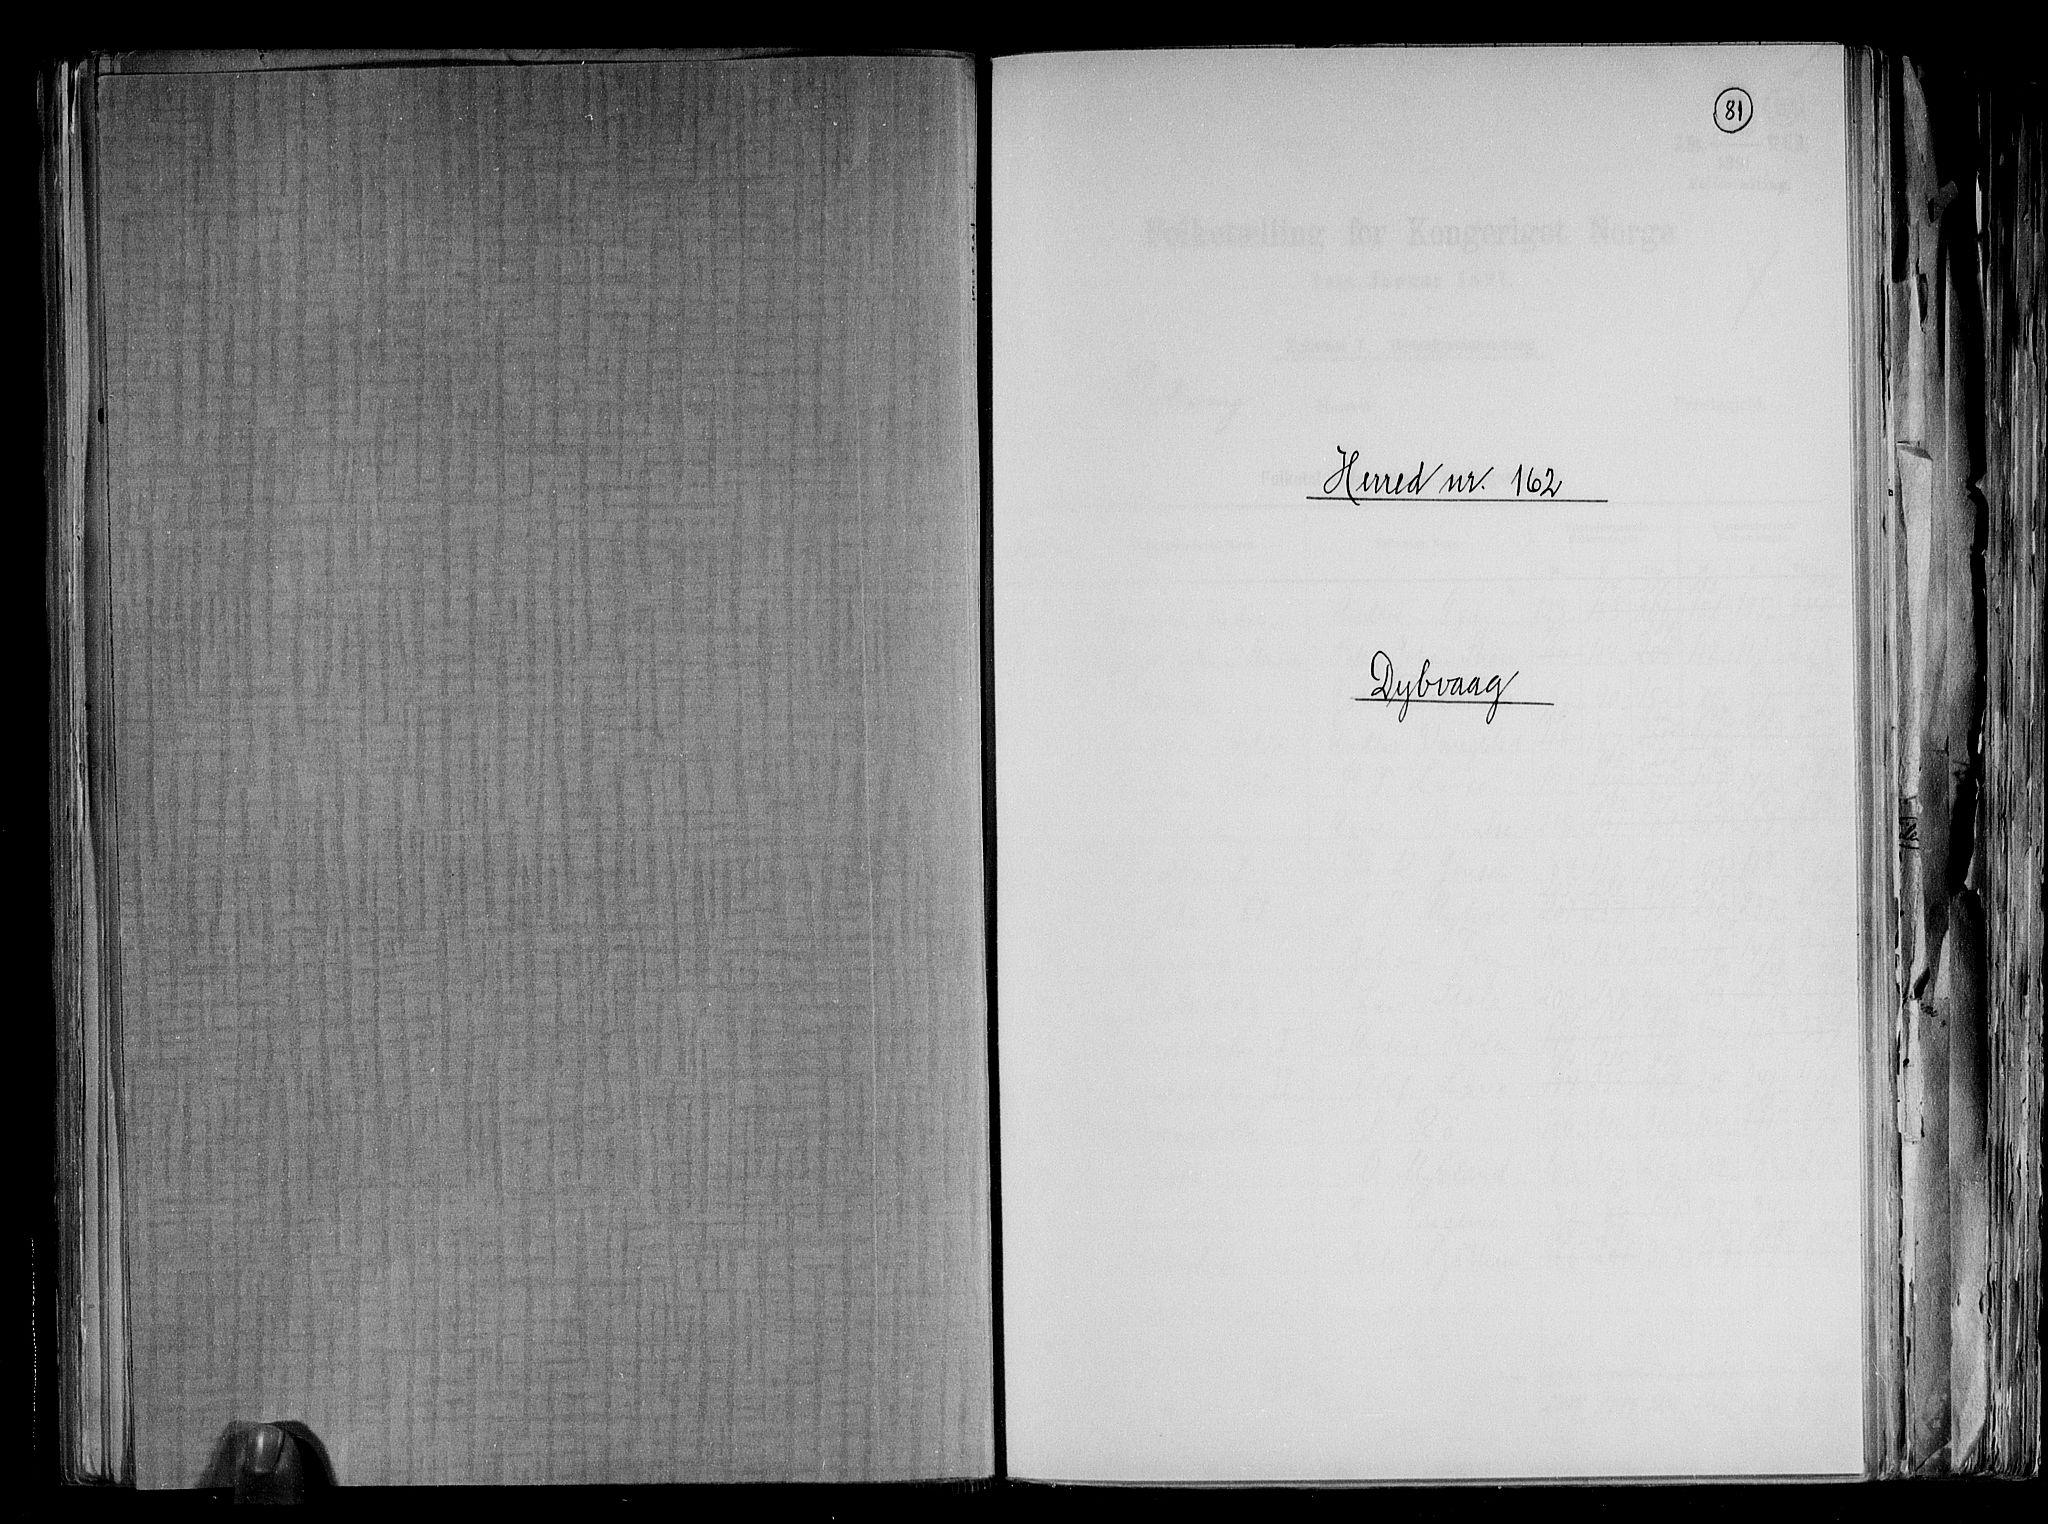 RA, Folketelling 1891 for 0915 Dypvåg herred, 1891, s. 1